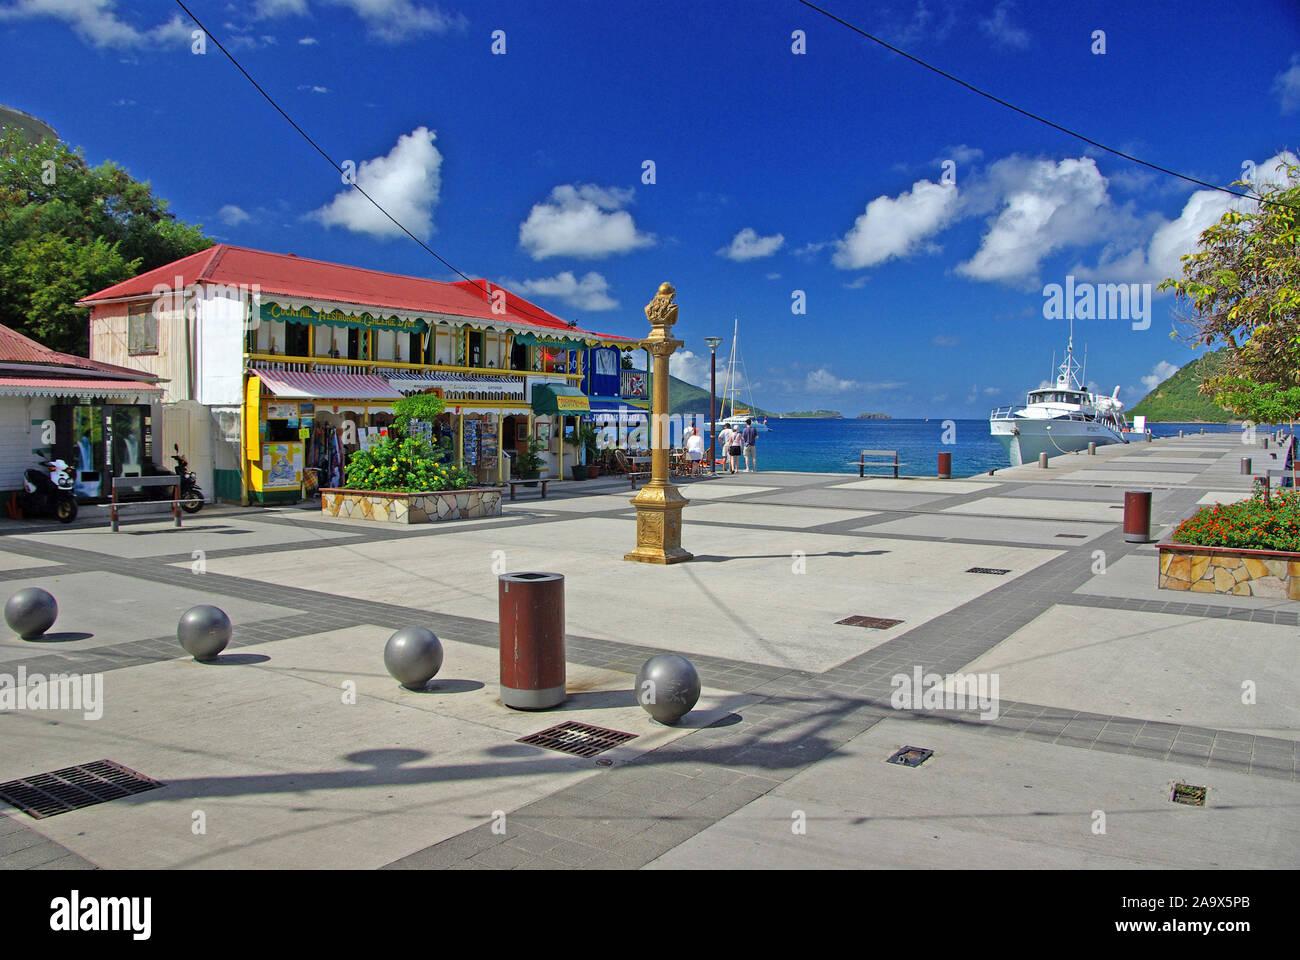 Franzoesiche Karibik; Antillen; Guadeloupe, Les Saintes, Terre de Haut Banque D'Images